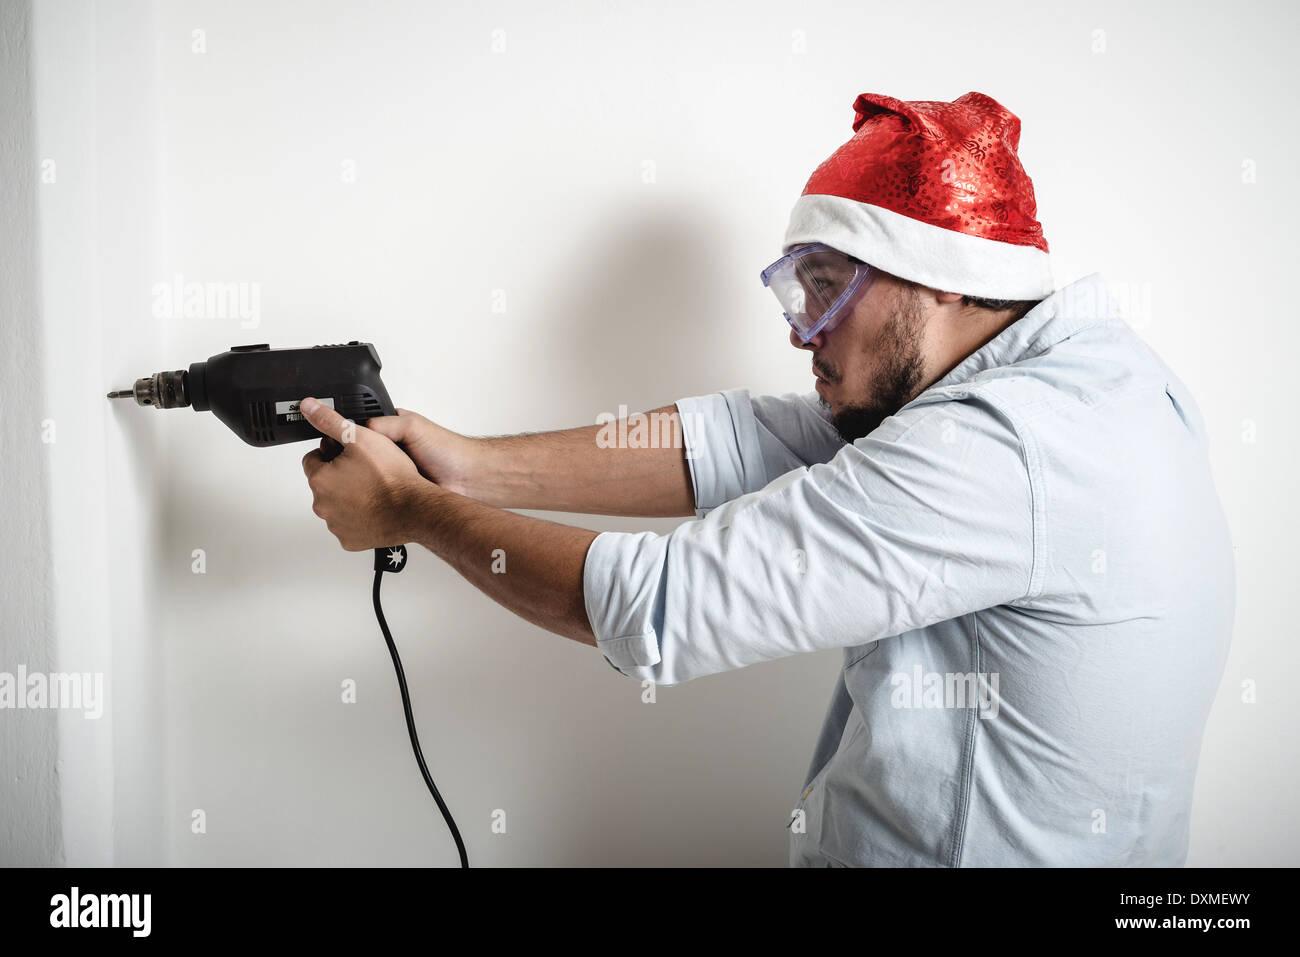 bricolage christmas stylish young man on white background - Stock Image